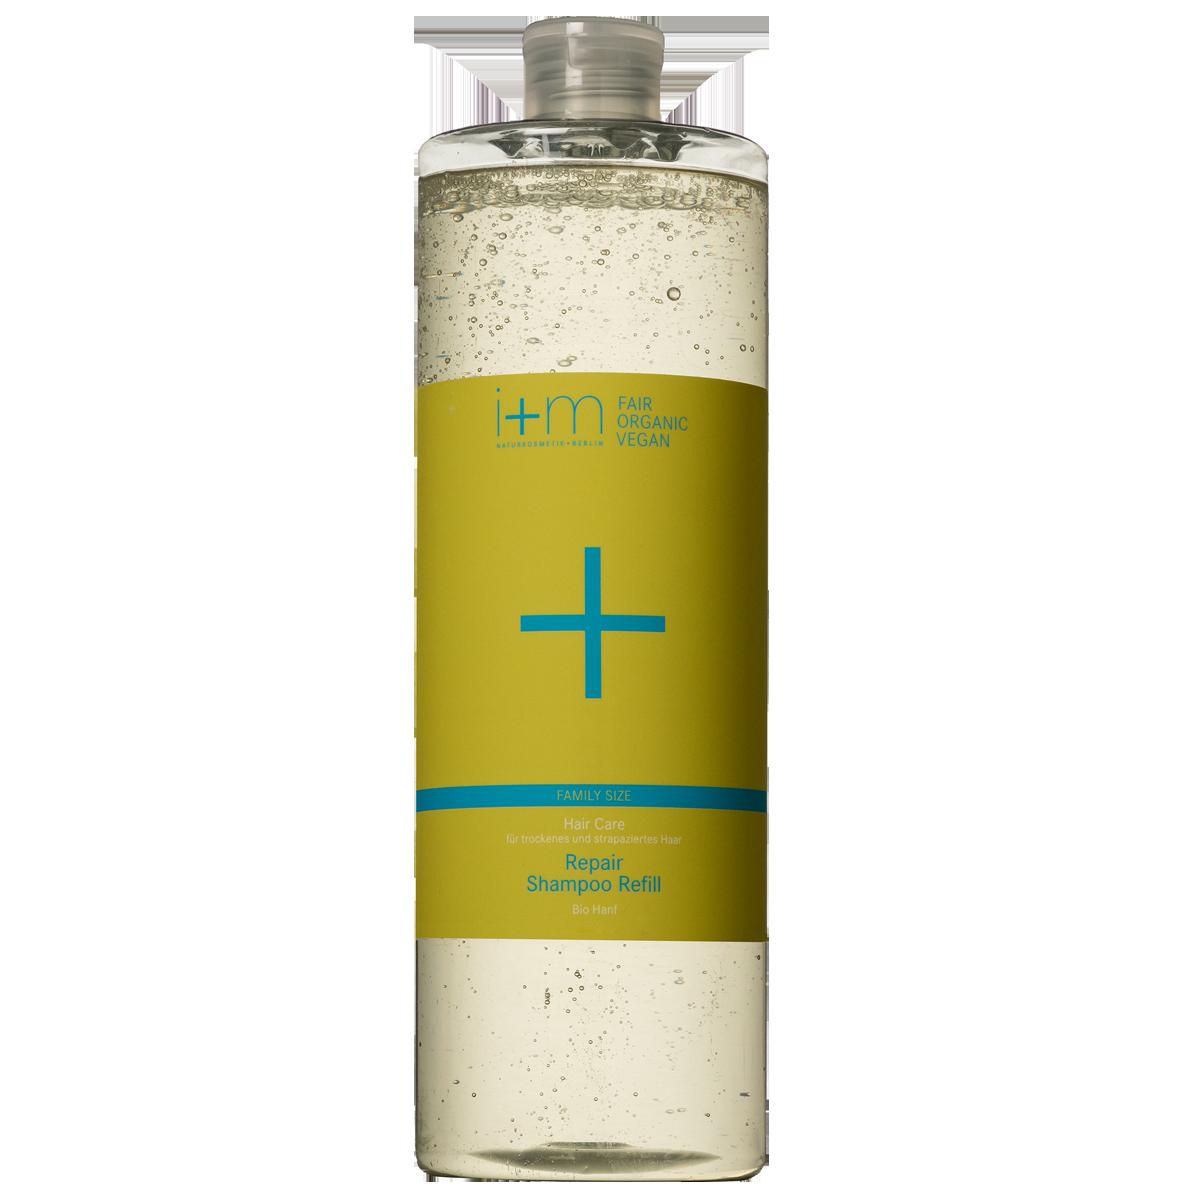 Hair Care Repair Shampoo Refill 1l i+m NATURKOSMETIK BERLIN